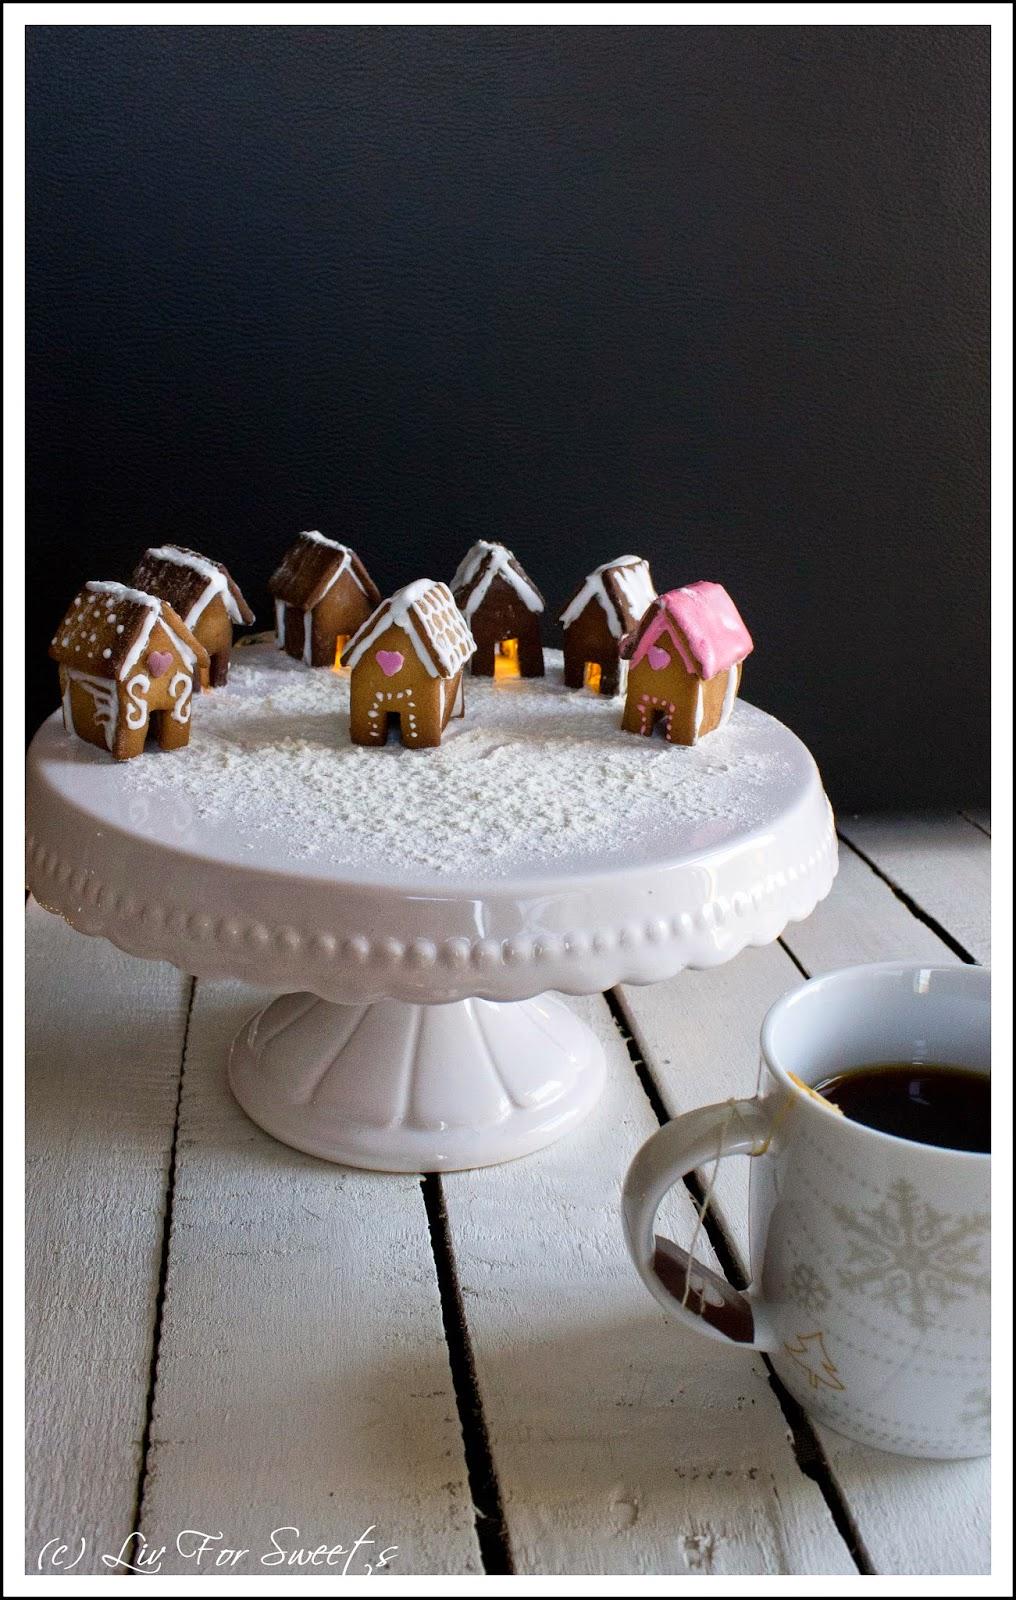 kleine Lebkuchenhäuser für Tassen auf einer Tortenplatte, Teetasse, Rezept, Thermomix, Weihnachten, Kaffeetasse